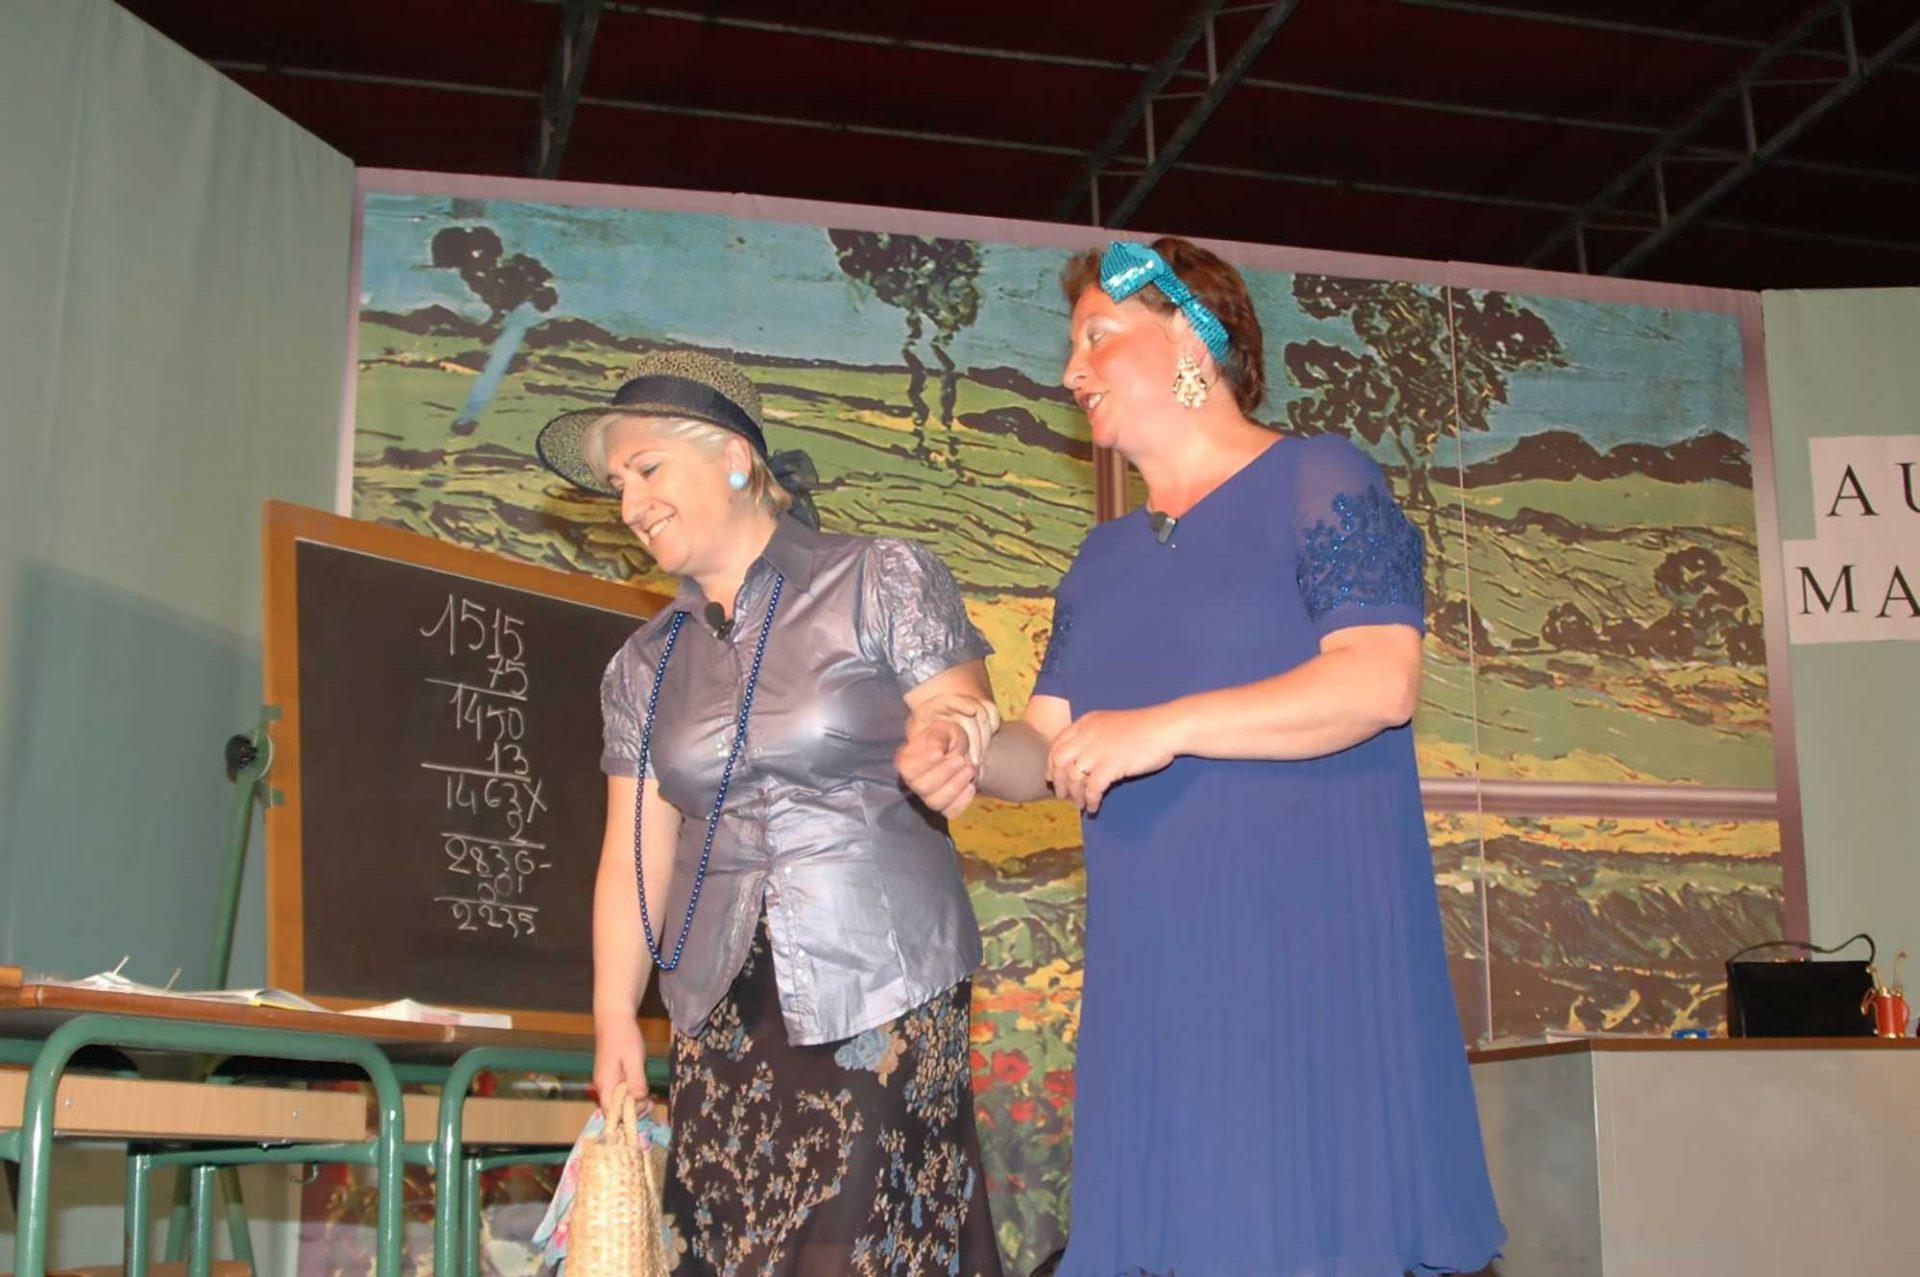 teatro-dialettale-la-vite-e-tutte-esame-marrucino